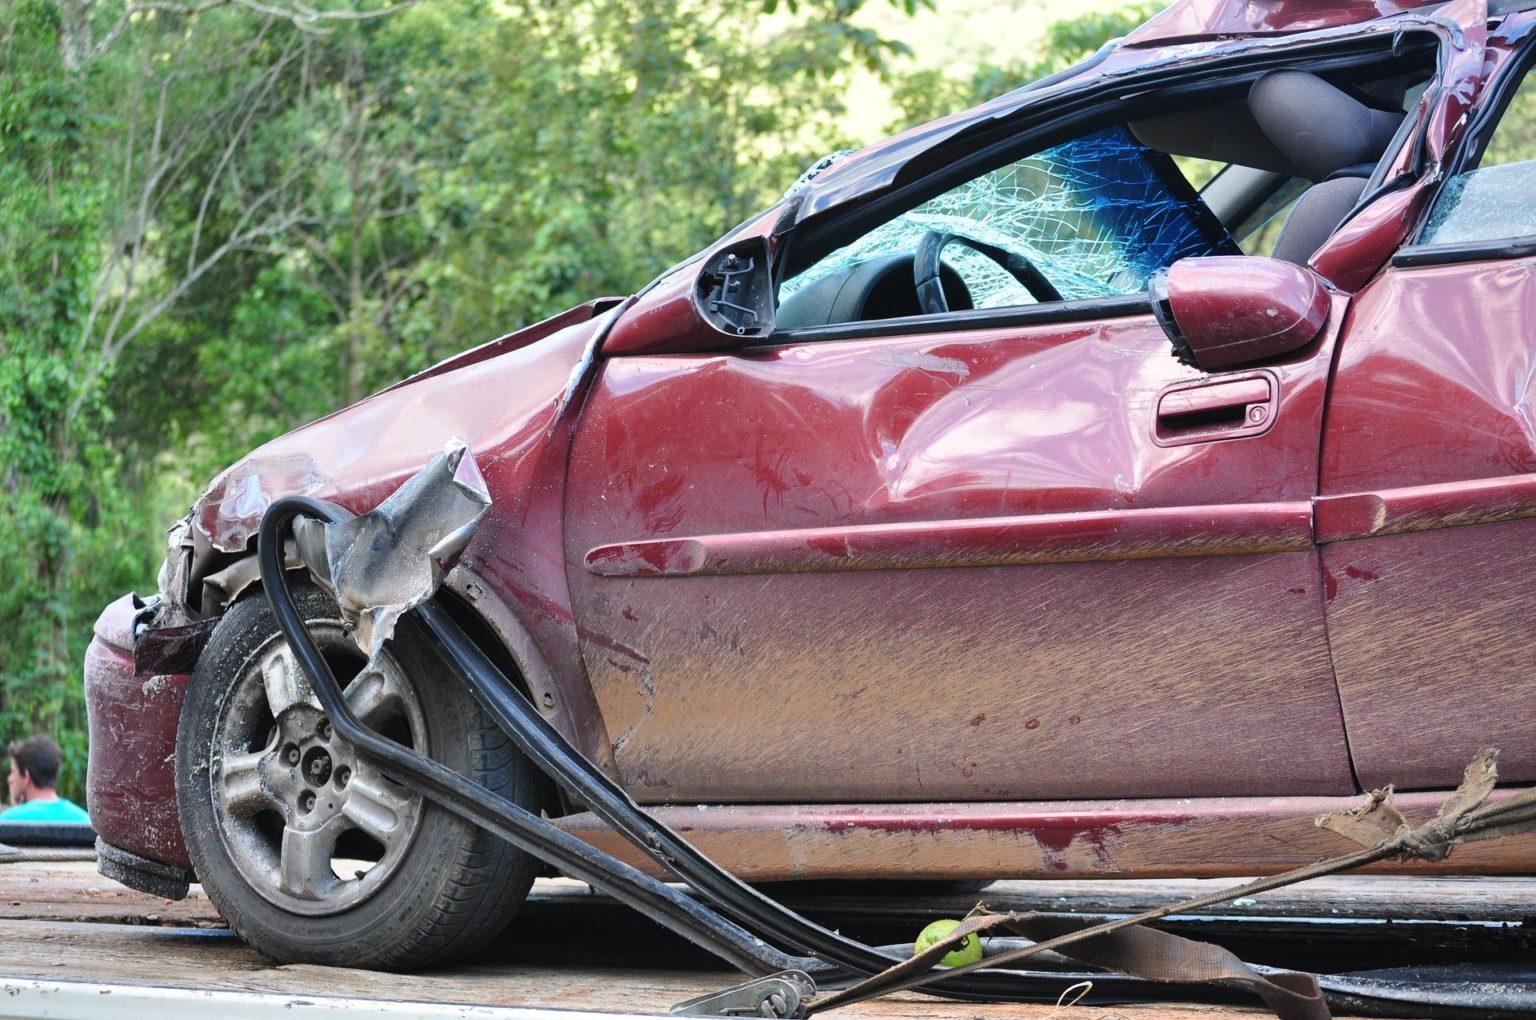 Fahrerflucht Führerscheinentzug